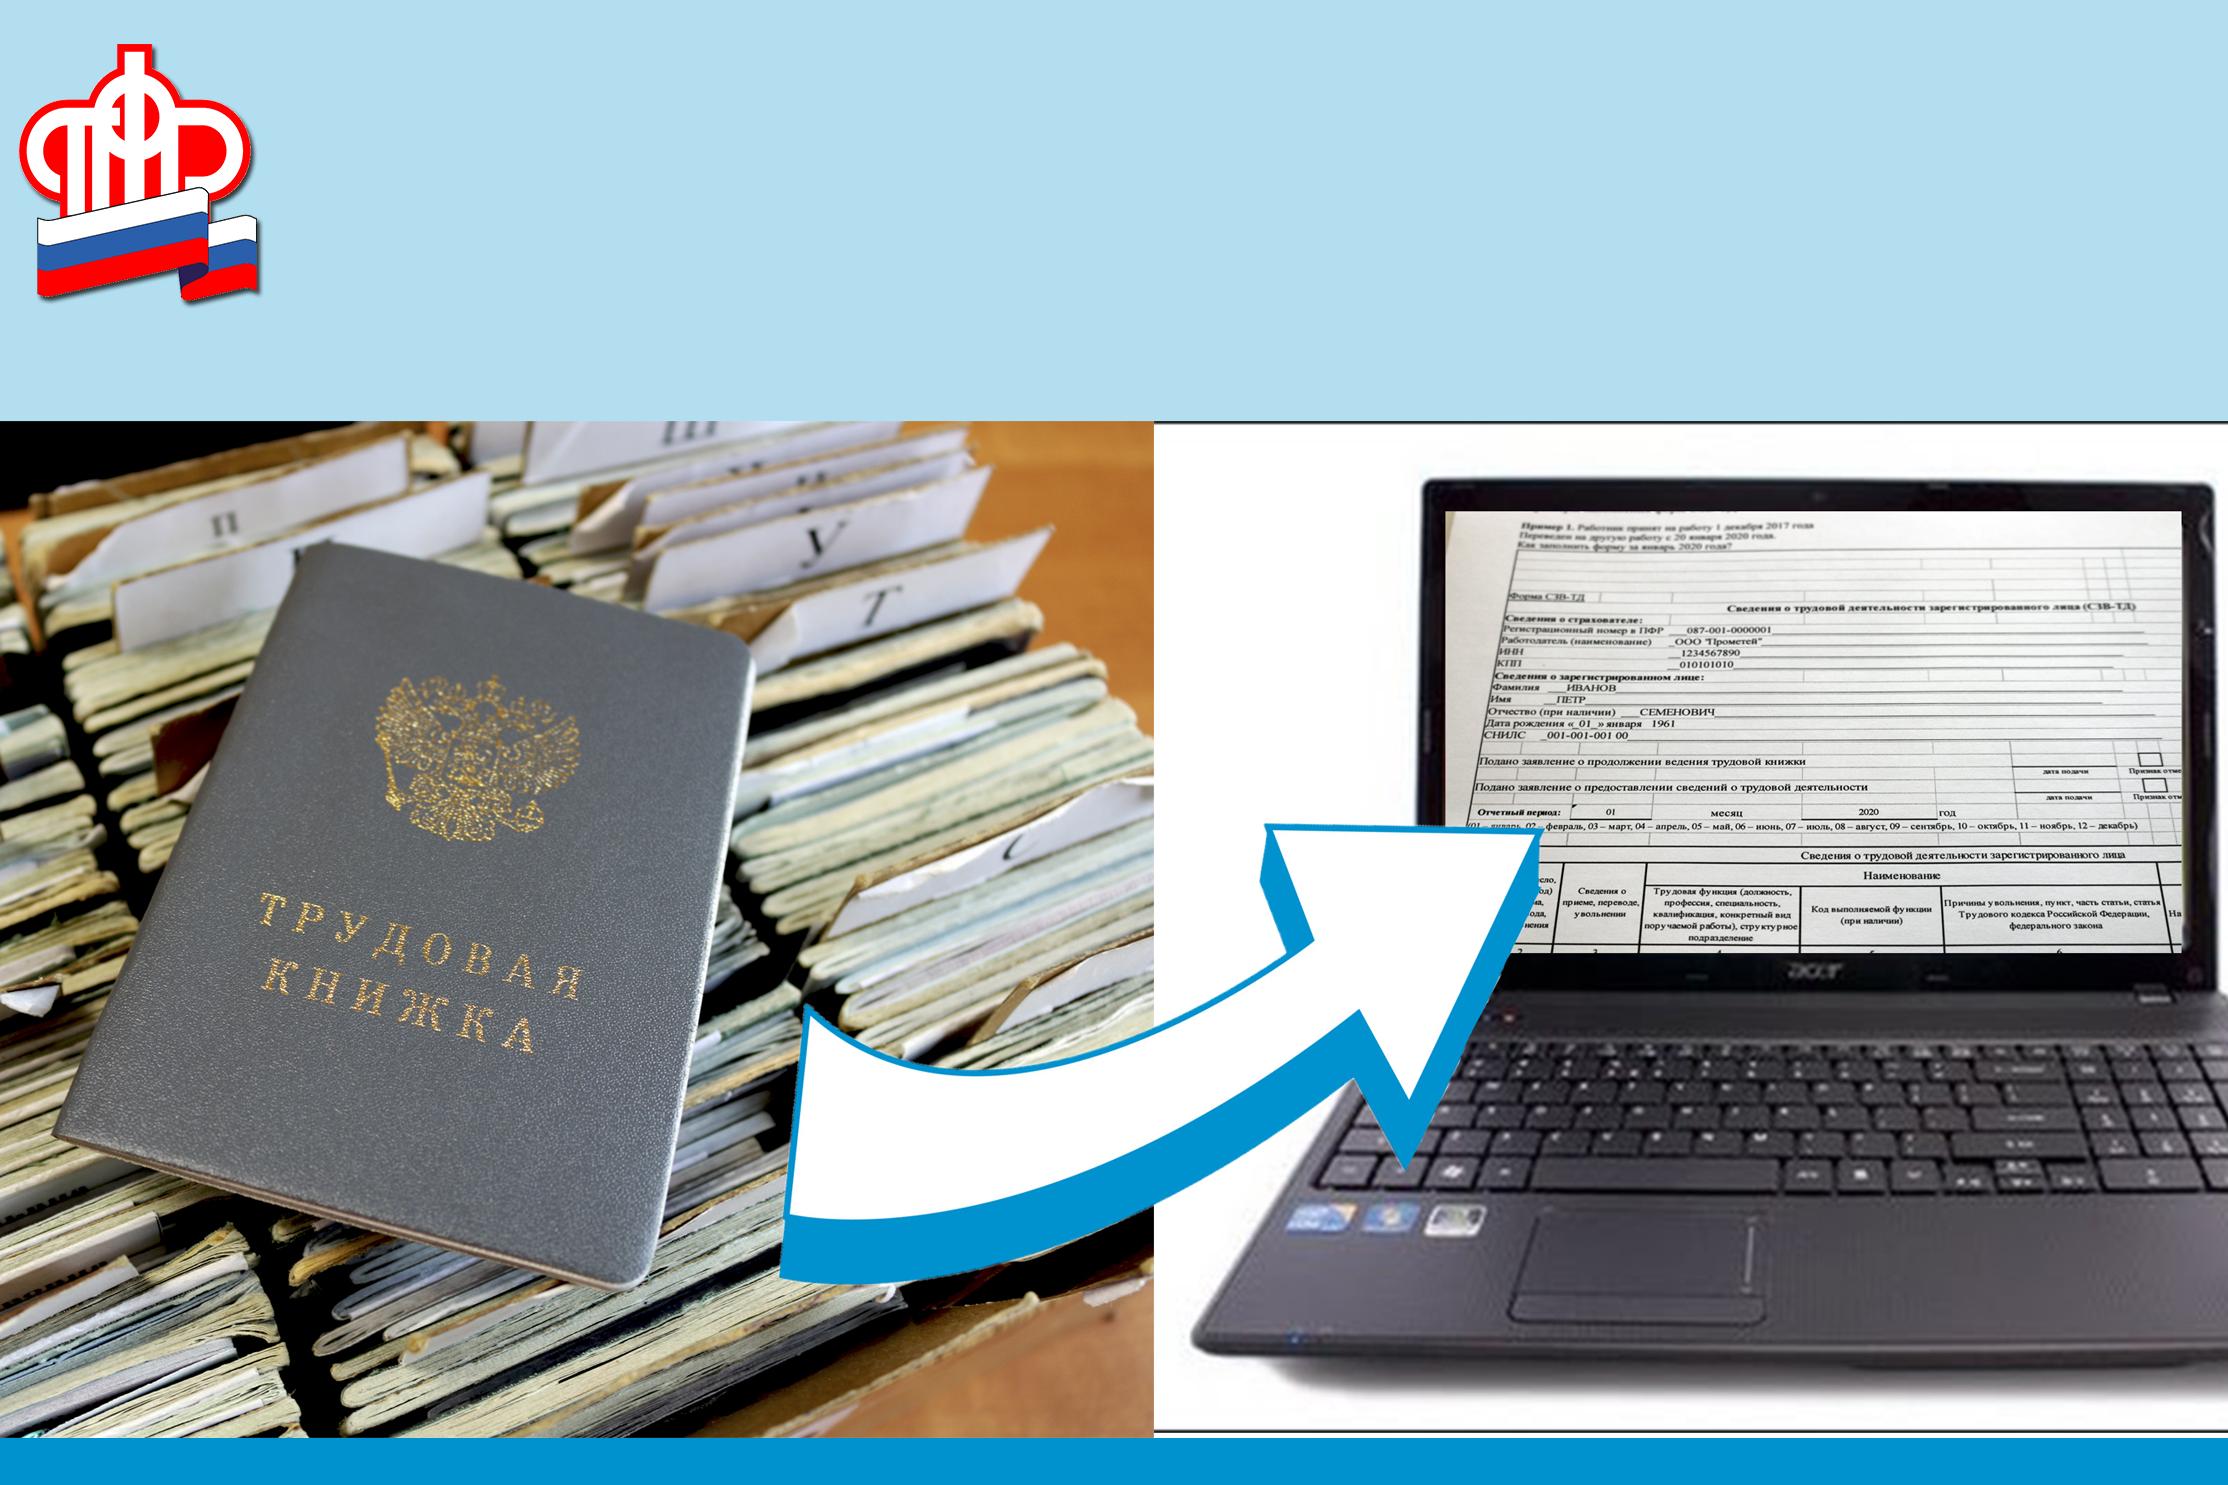 Более 29 тысяч работающих в Поморье и НАО выбрали электронный вариант трудовой книжки